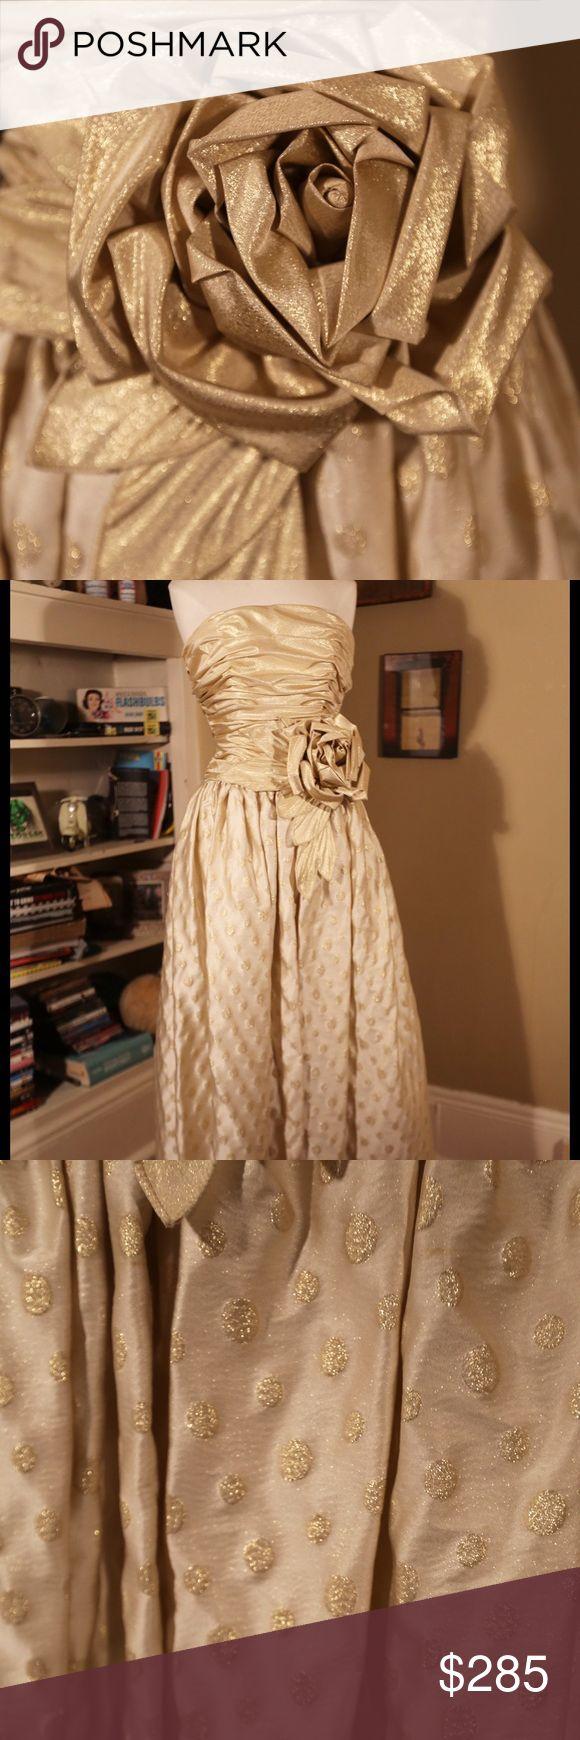 ball gowns Eugene